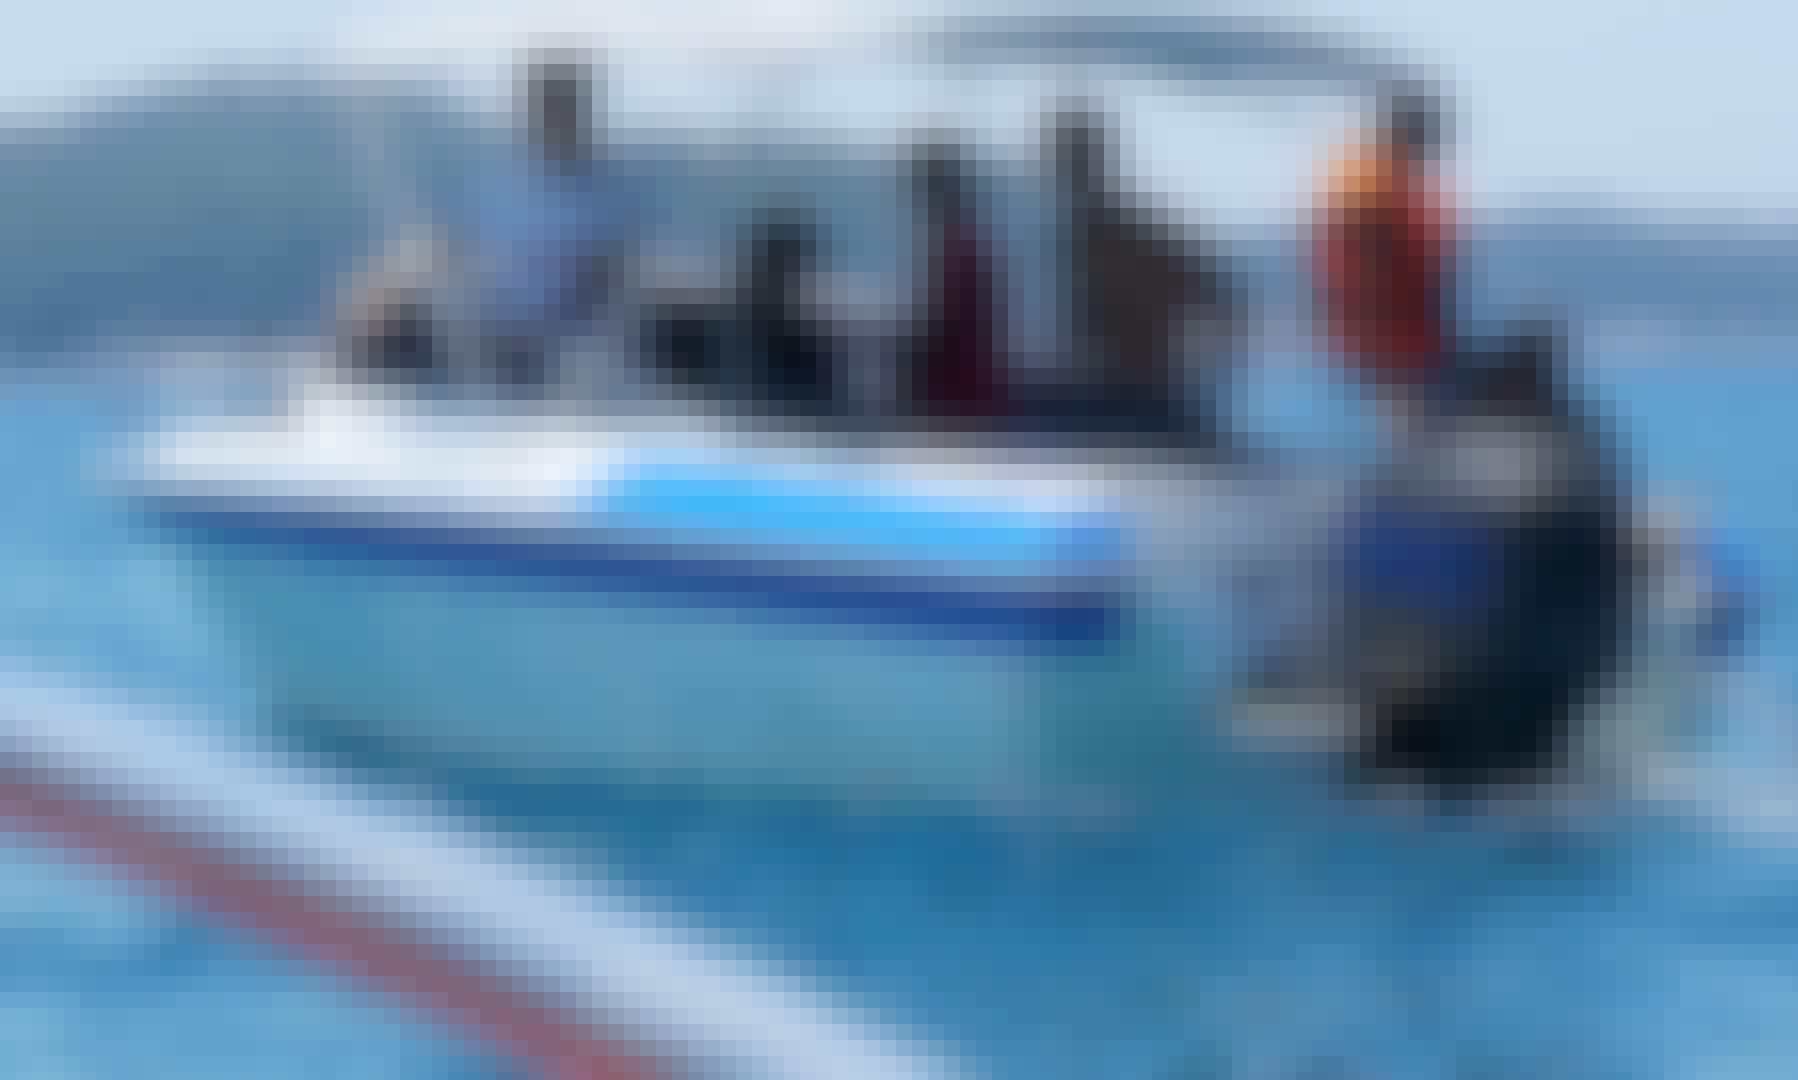 Deck Boat Rental and Cruise in Kota Bharu